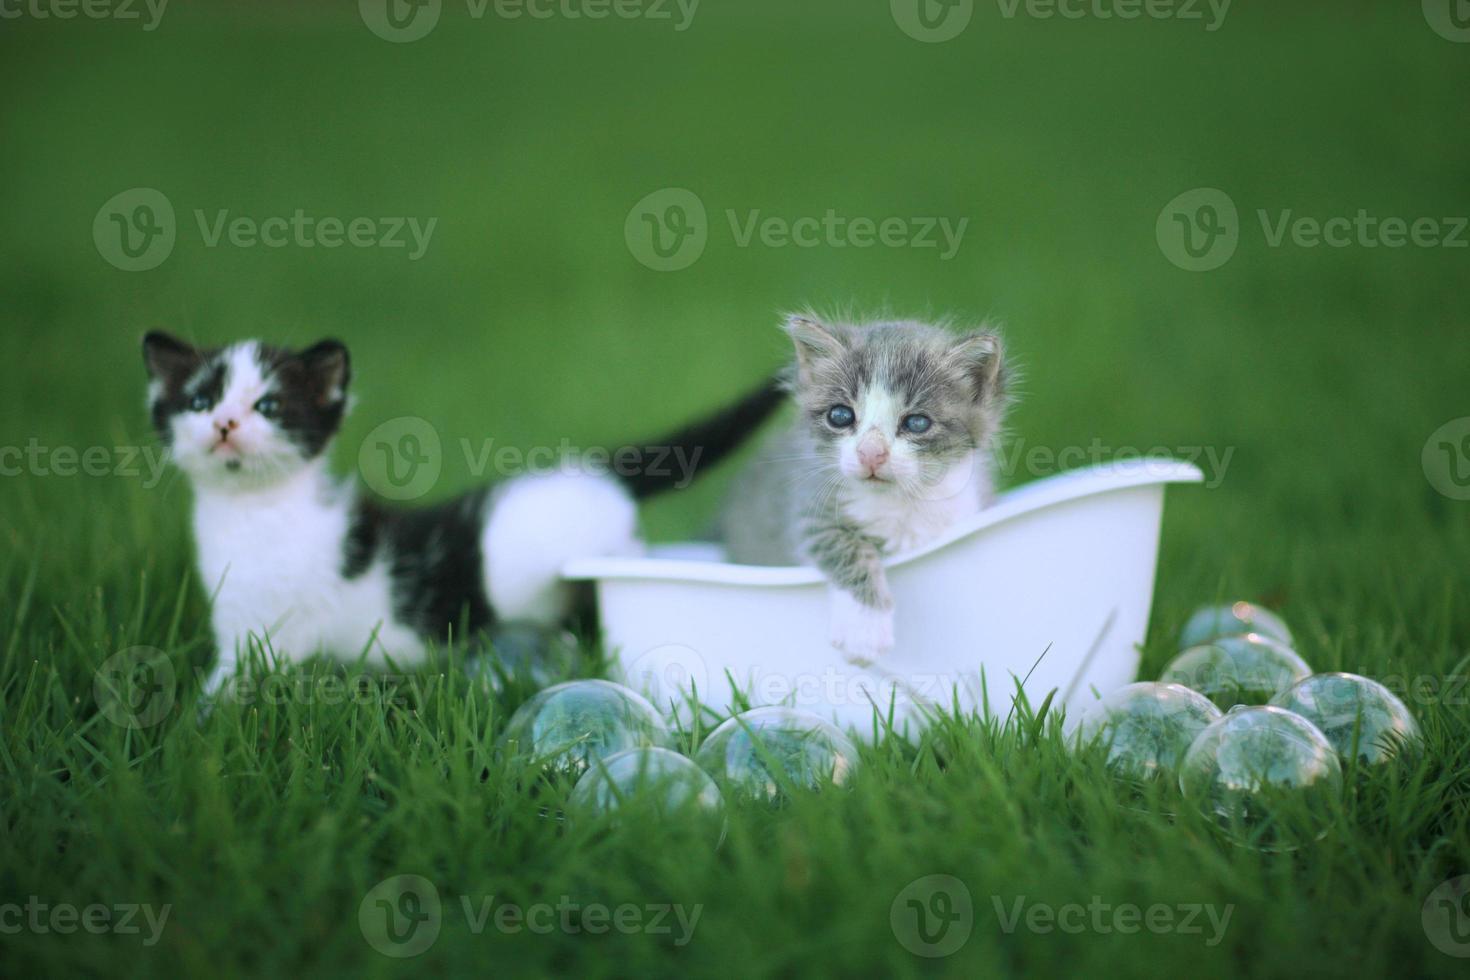 Kätzchen im Freien auf einer grünen Graswiese foto